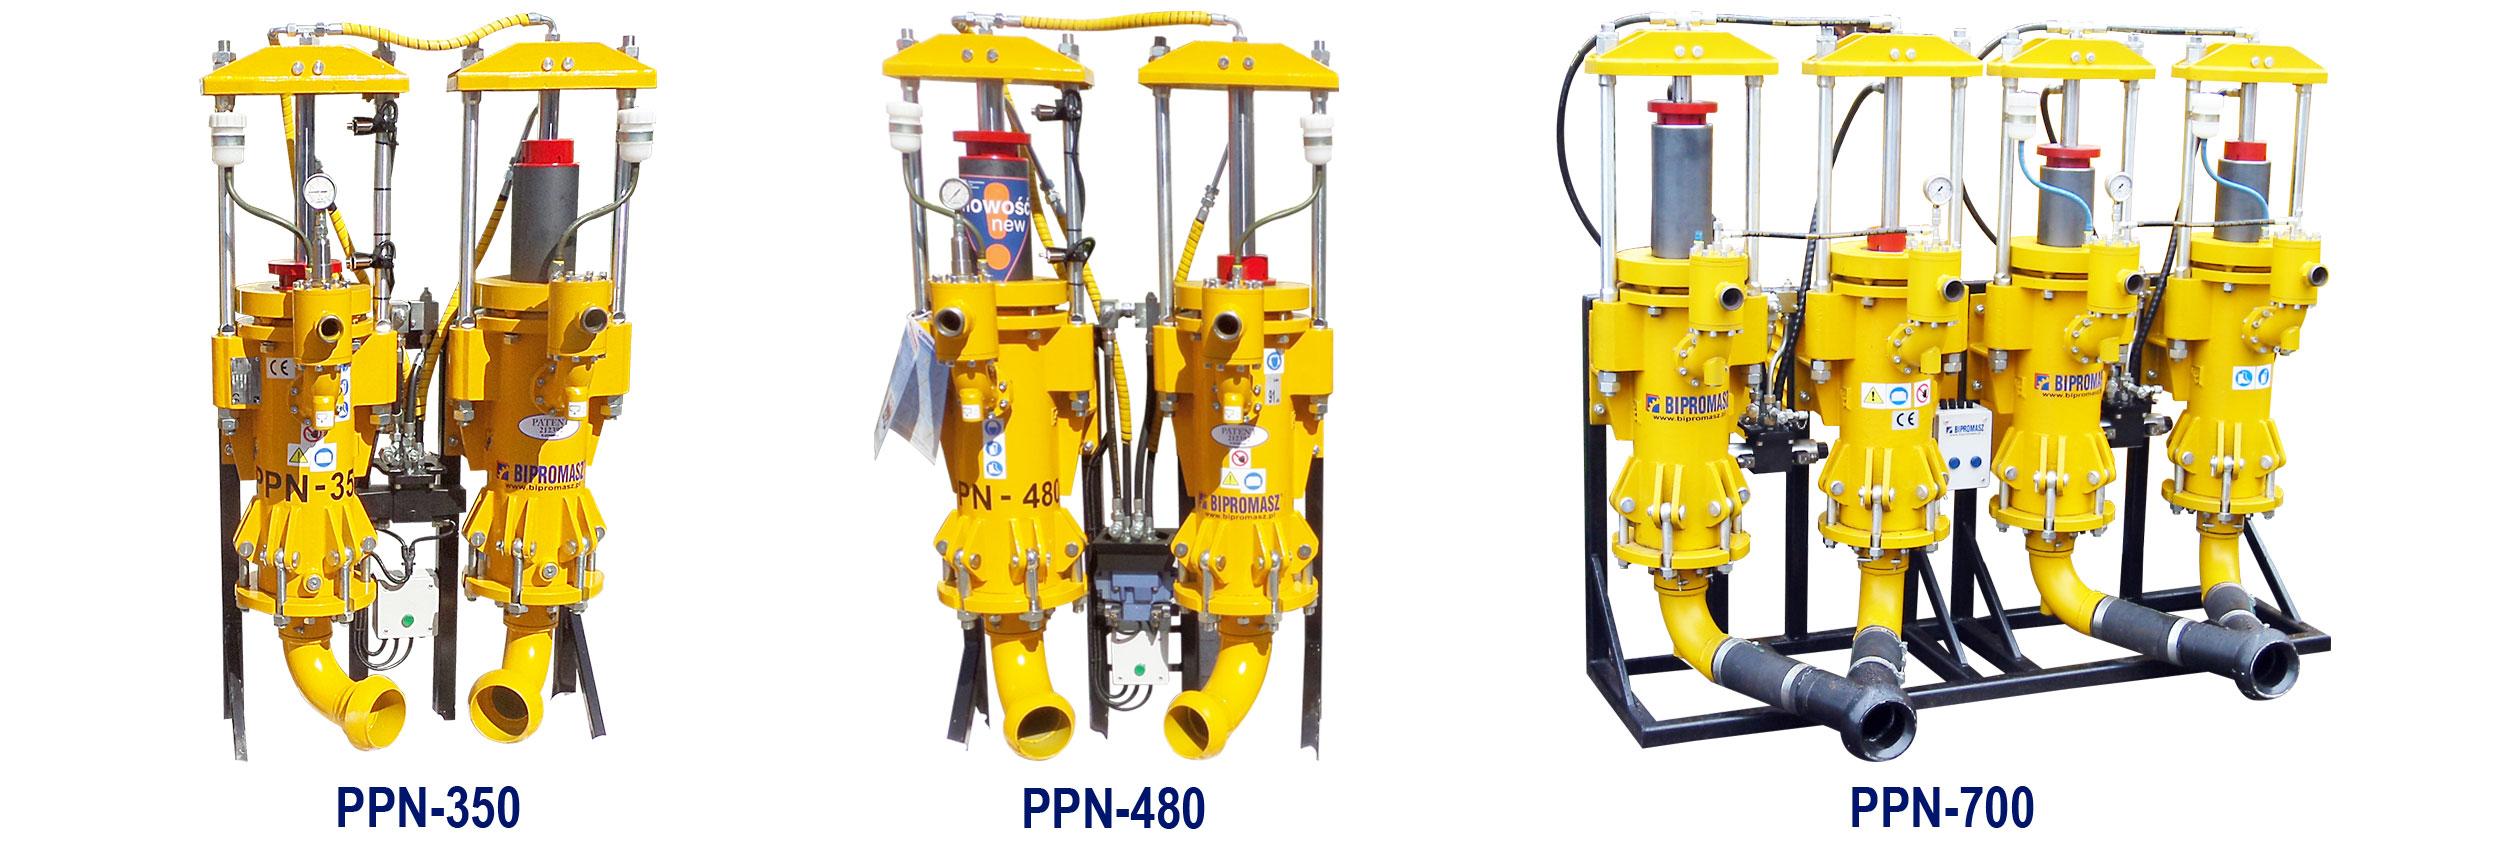 Pompy płuczkowe nurnikowe PPN - wszystkie rodzaje